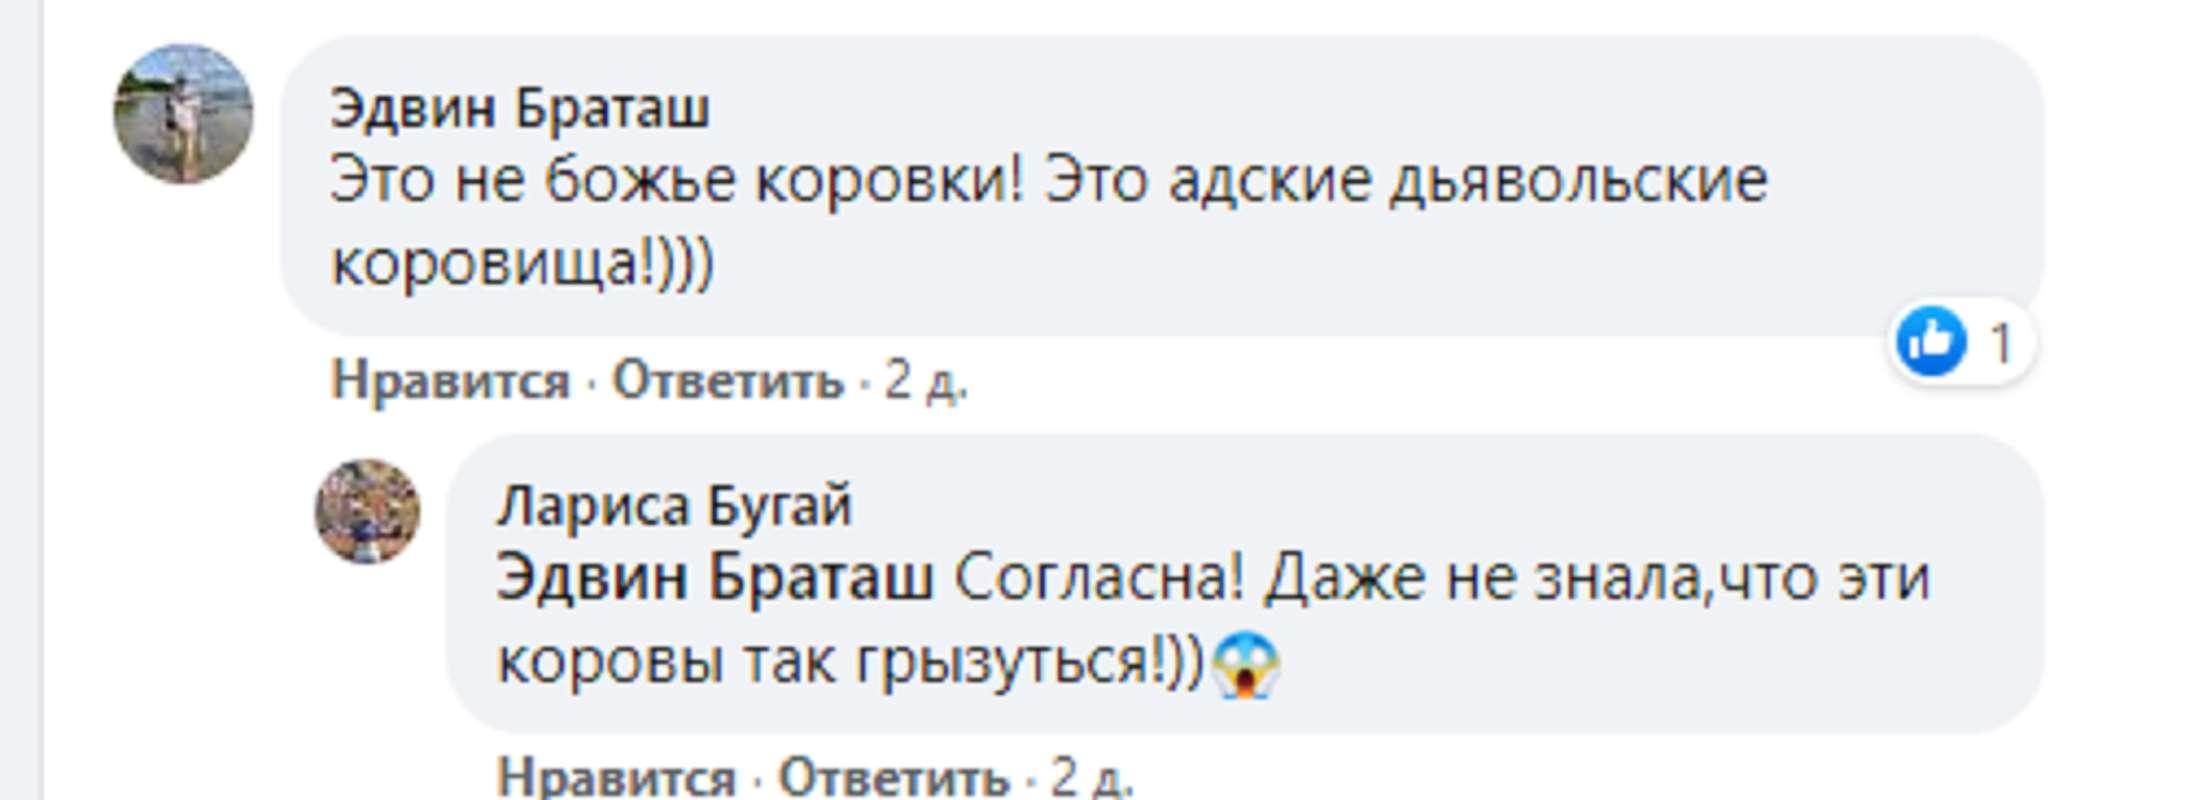 Кусают отдыхающих: украинские курорты атаковали миллионы божьих коровок - фото 2